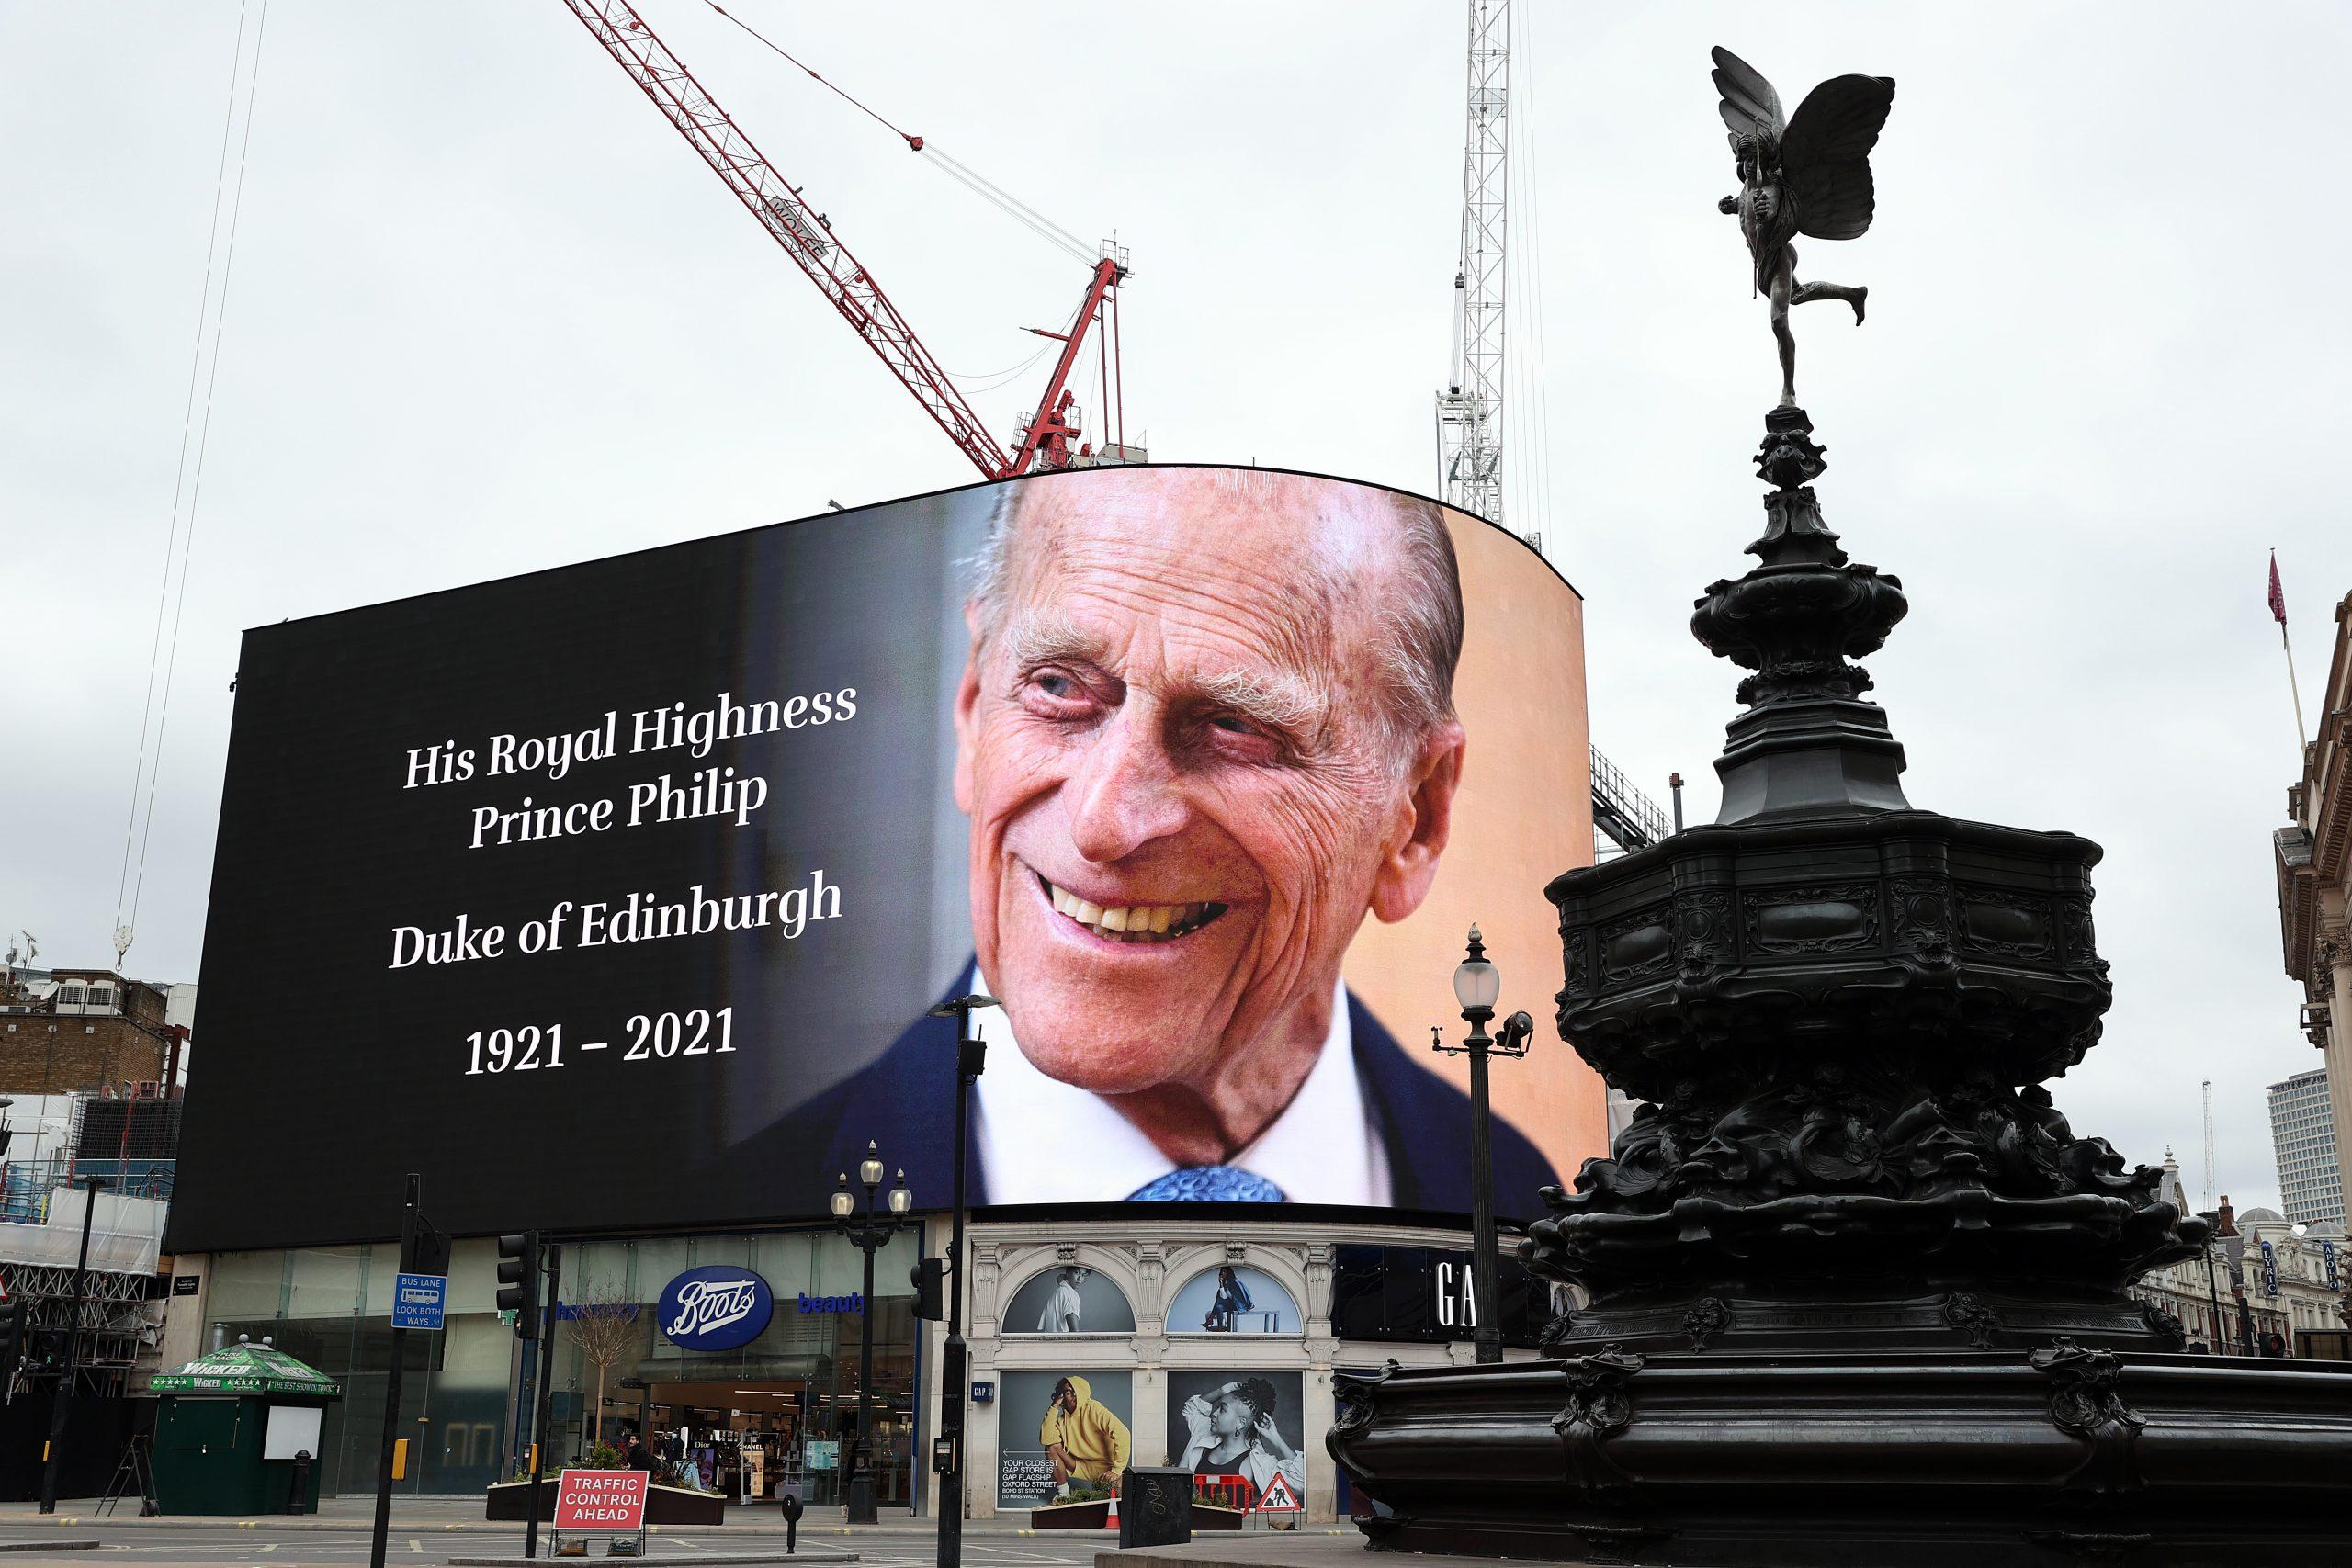 Un grand écran à Piccadilly Circus, Londres, avant les salves de canon pour marquer la mort du Prince Philip.